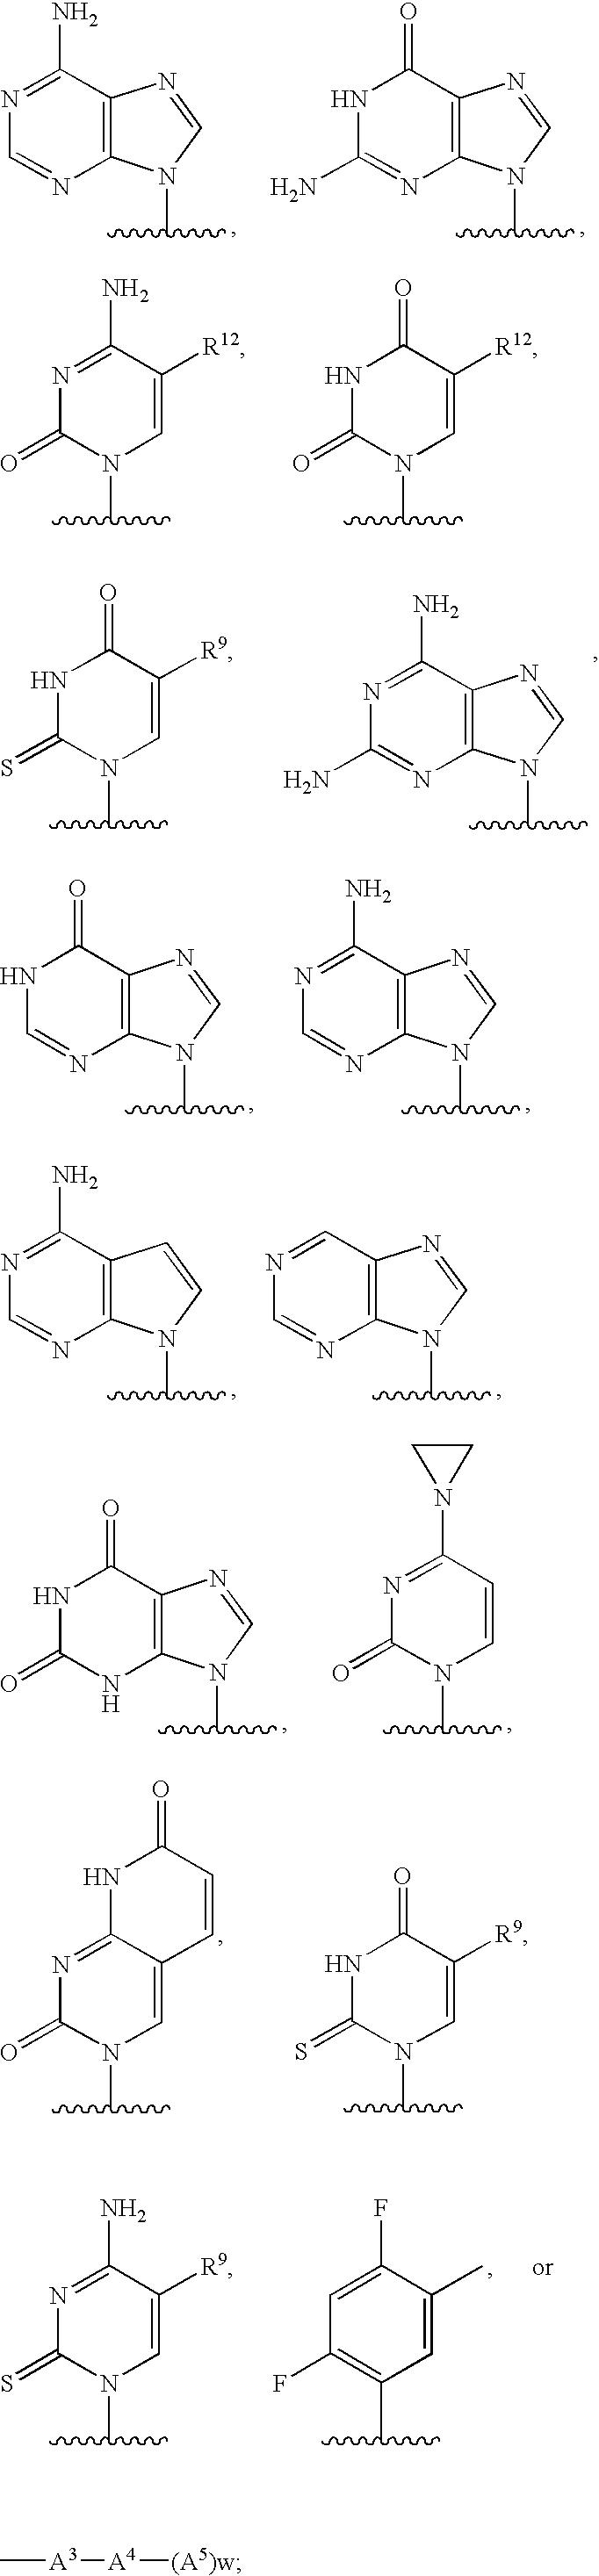 Figure US20060287260A1-20061221-C00210